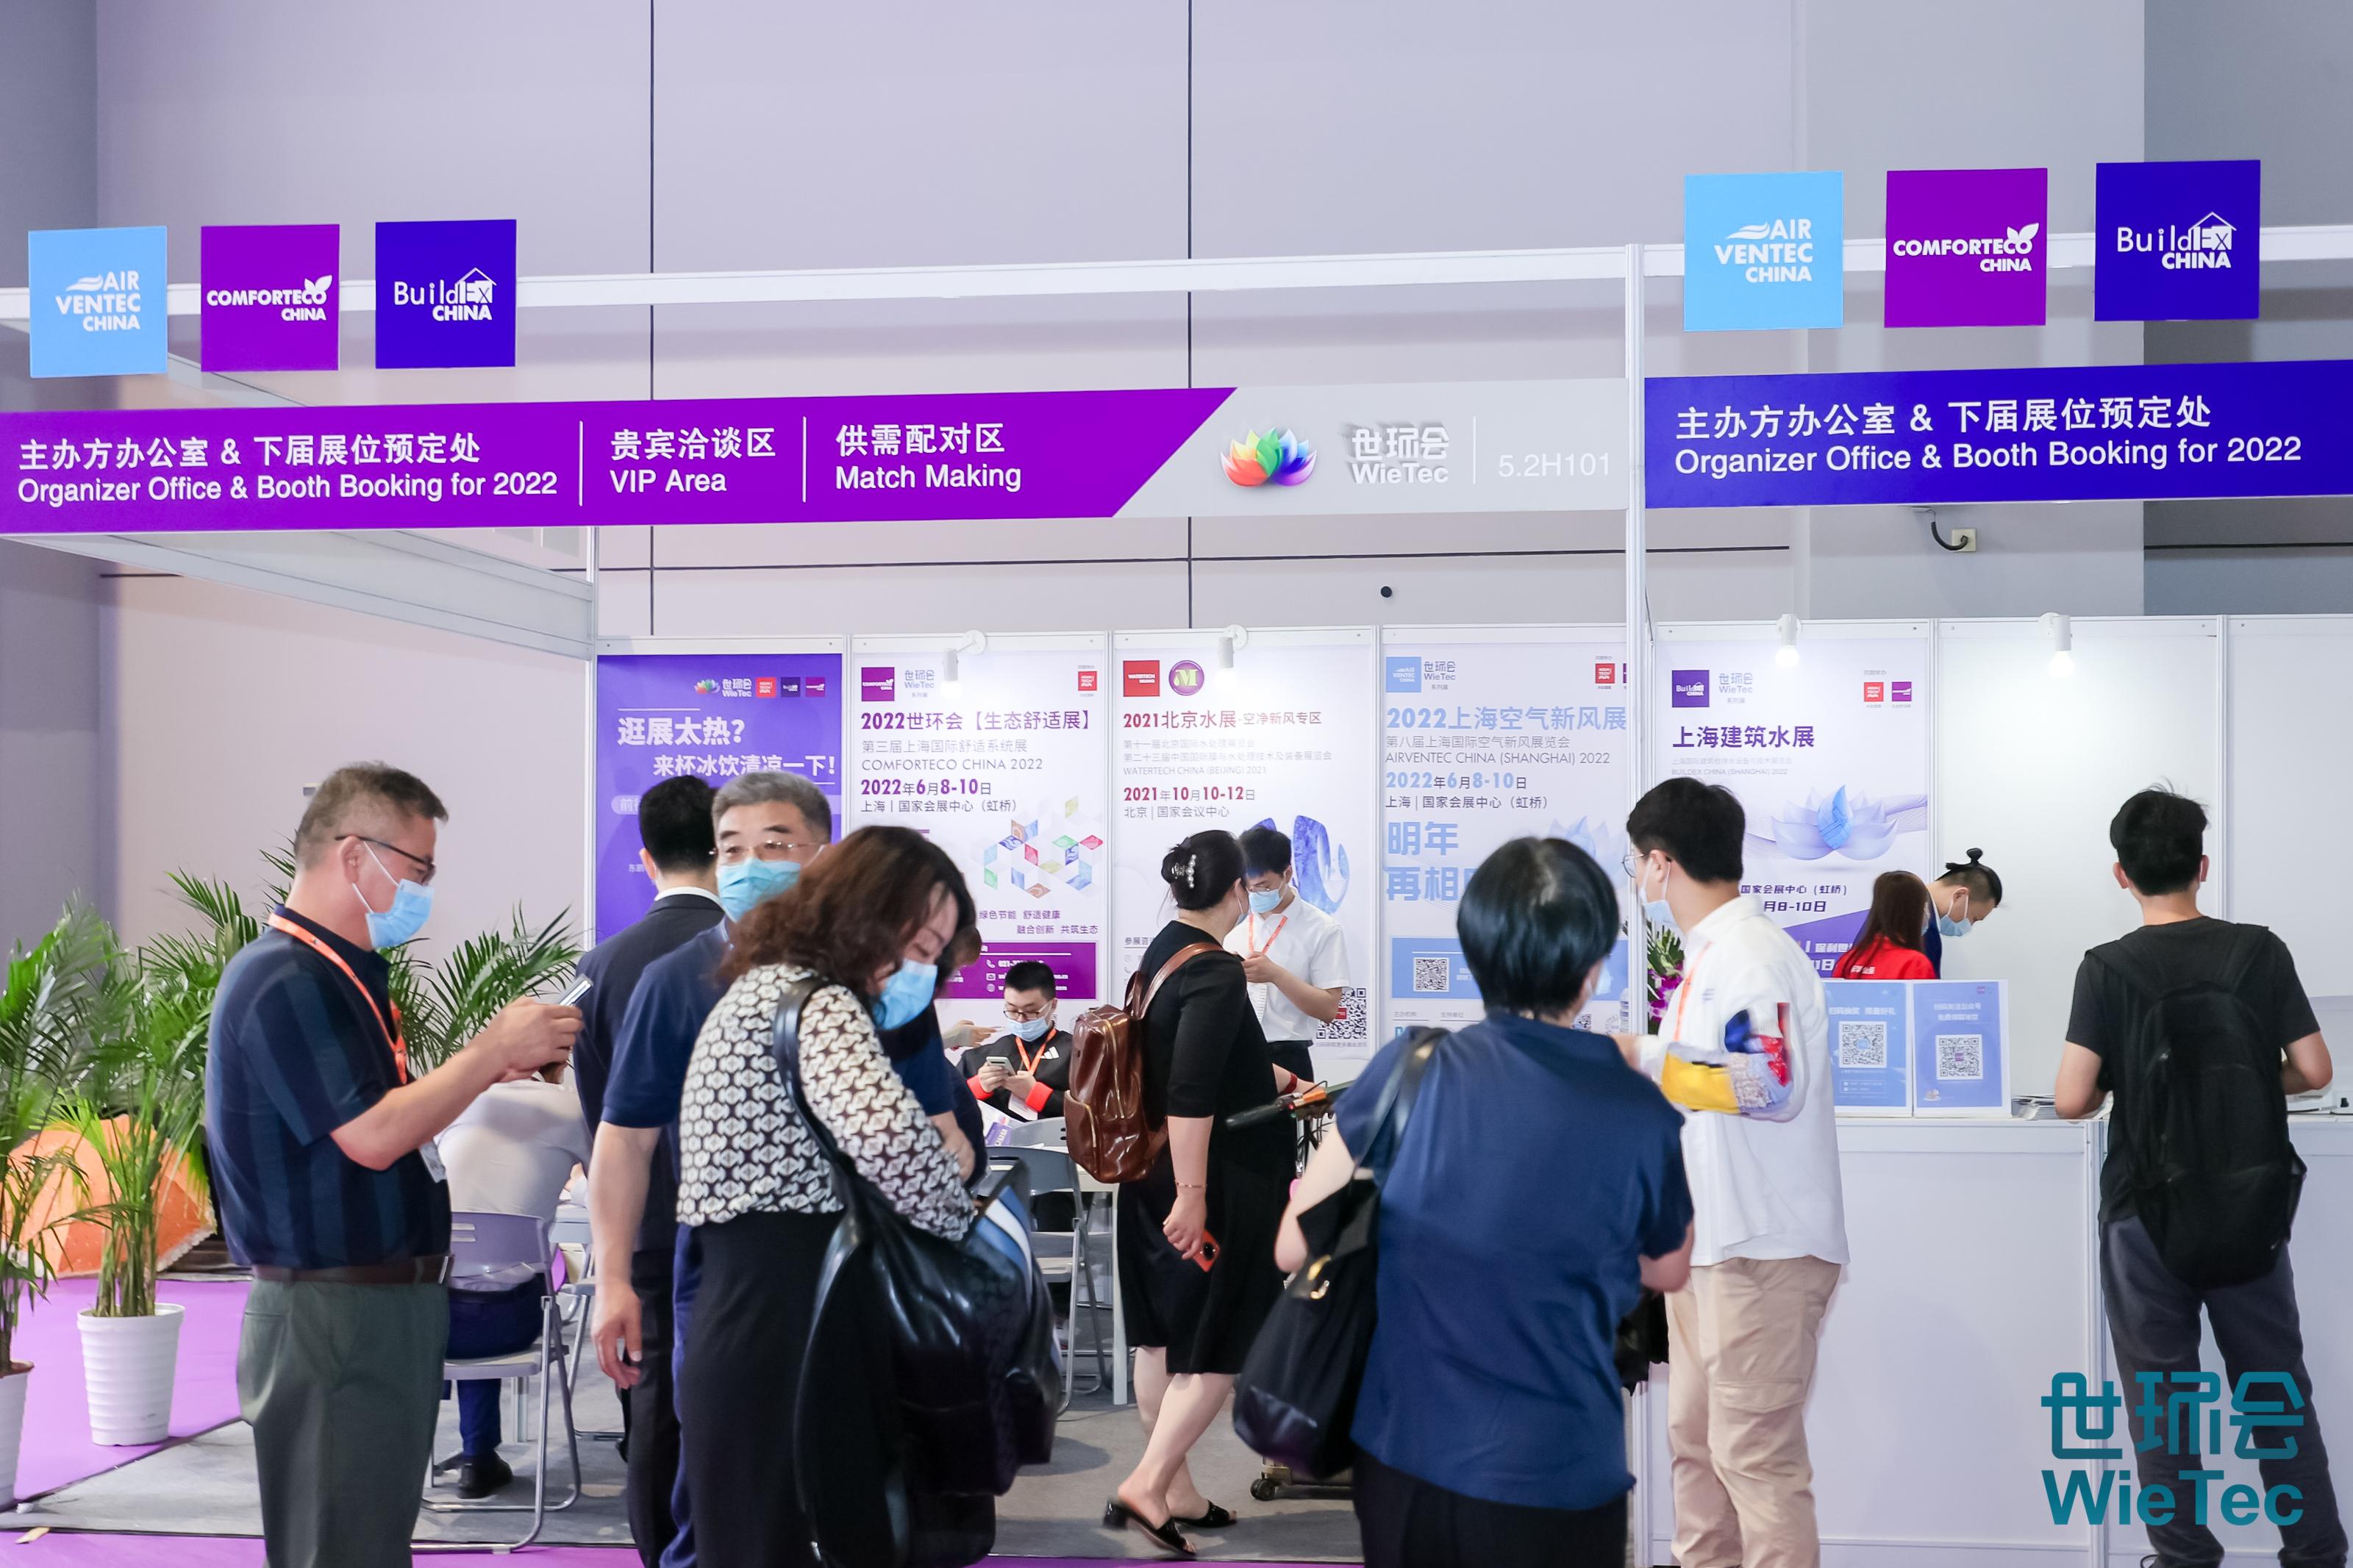 现场掠影-上海空气新风展 AIRVENTEC CHINA 2022.6.8-10新风系统 通风设备 空气净化